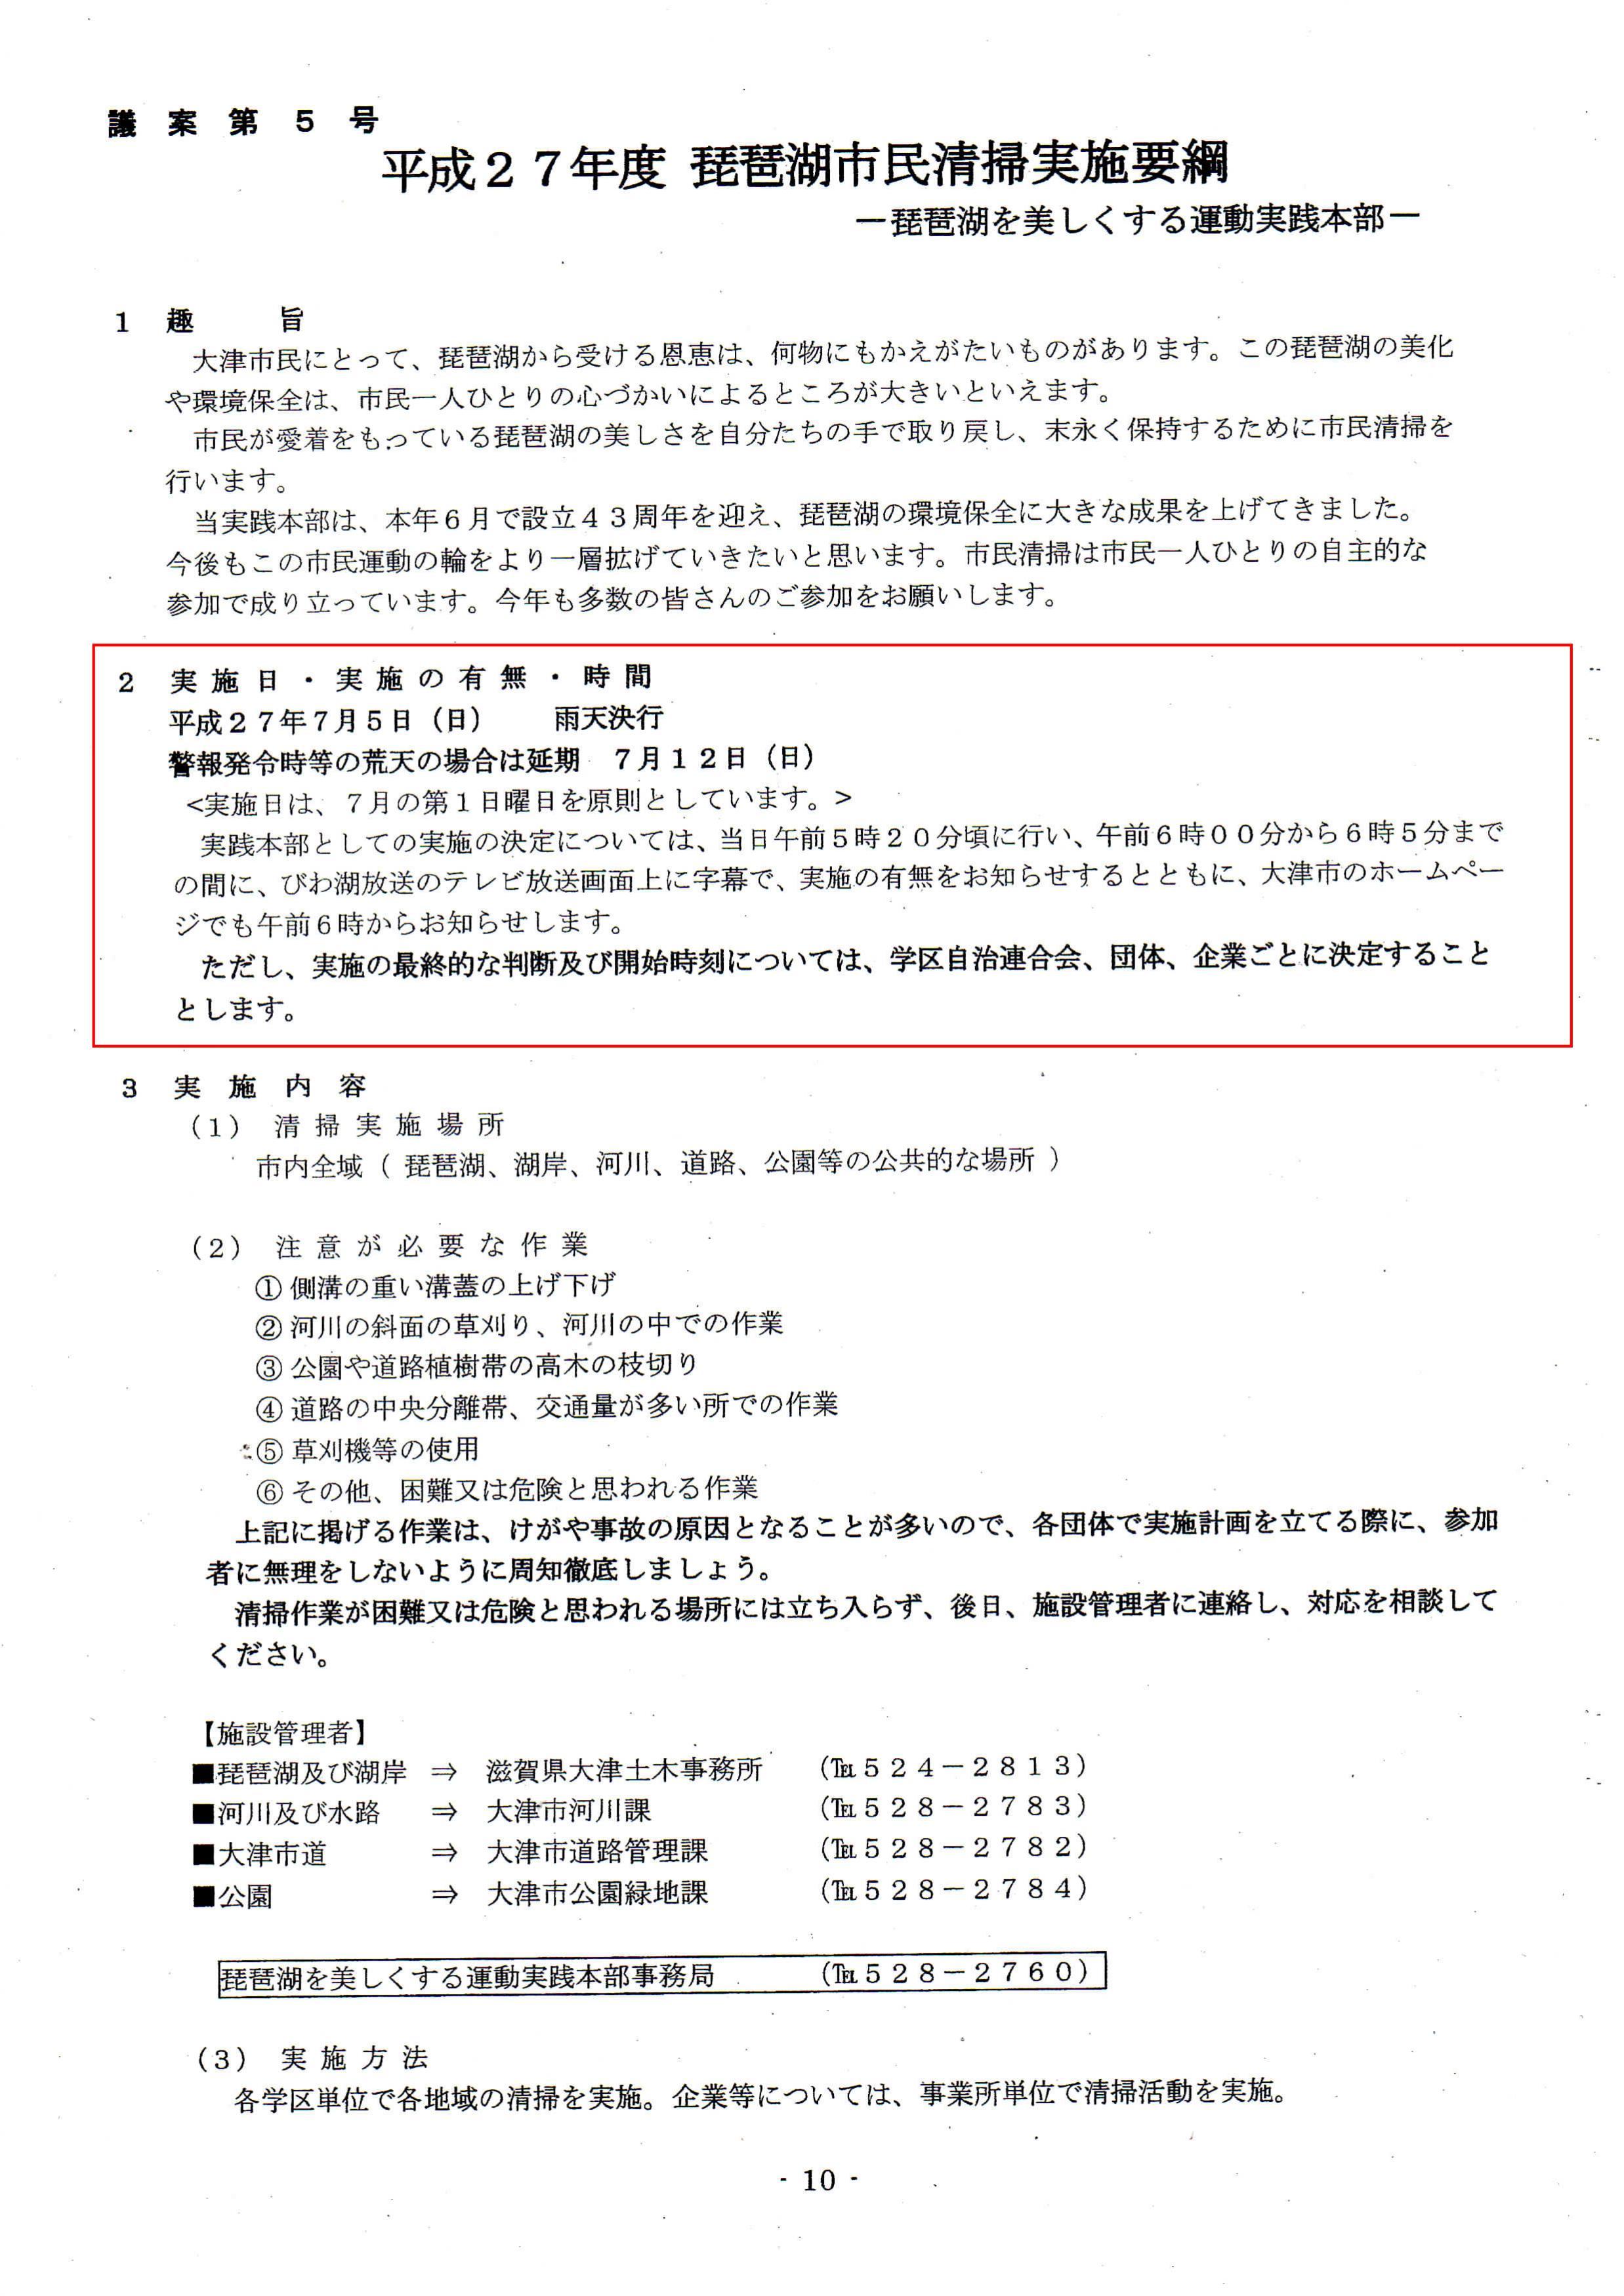 平成27年実施要綱_01